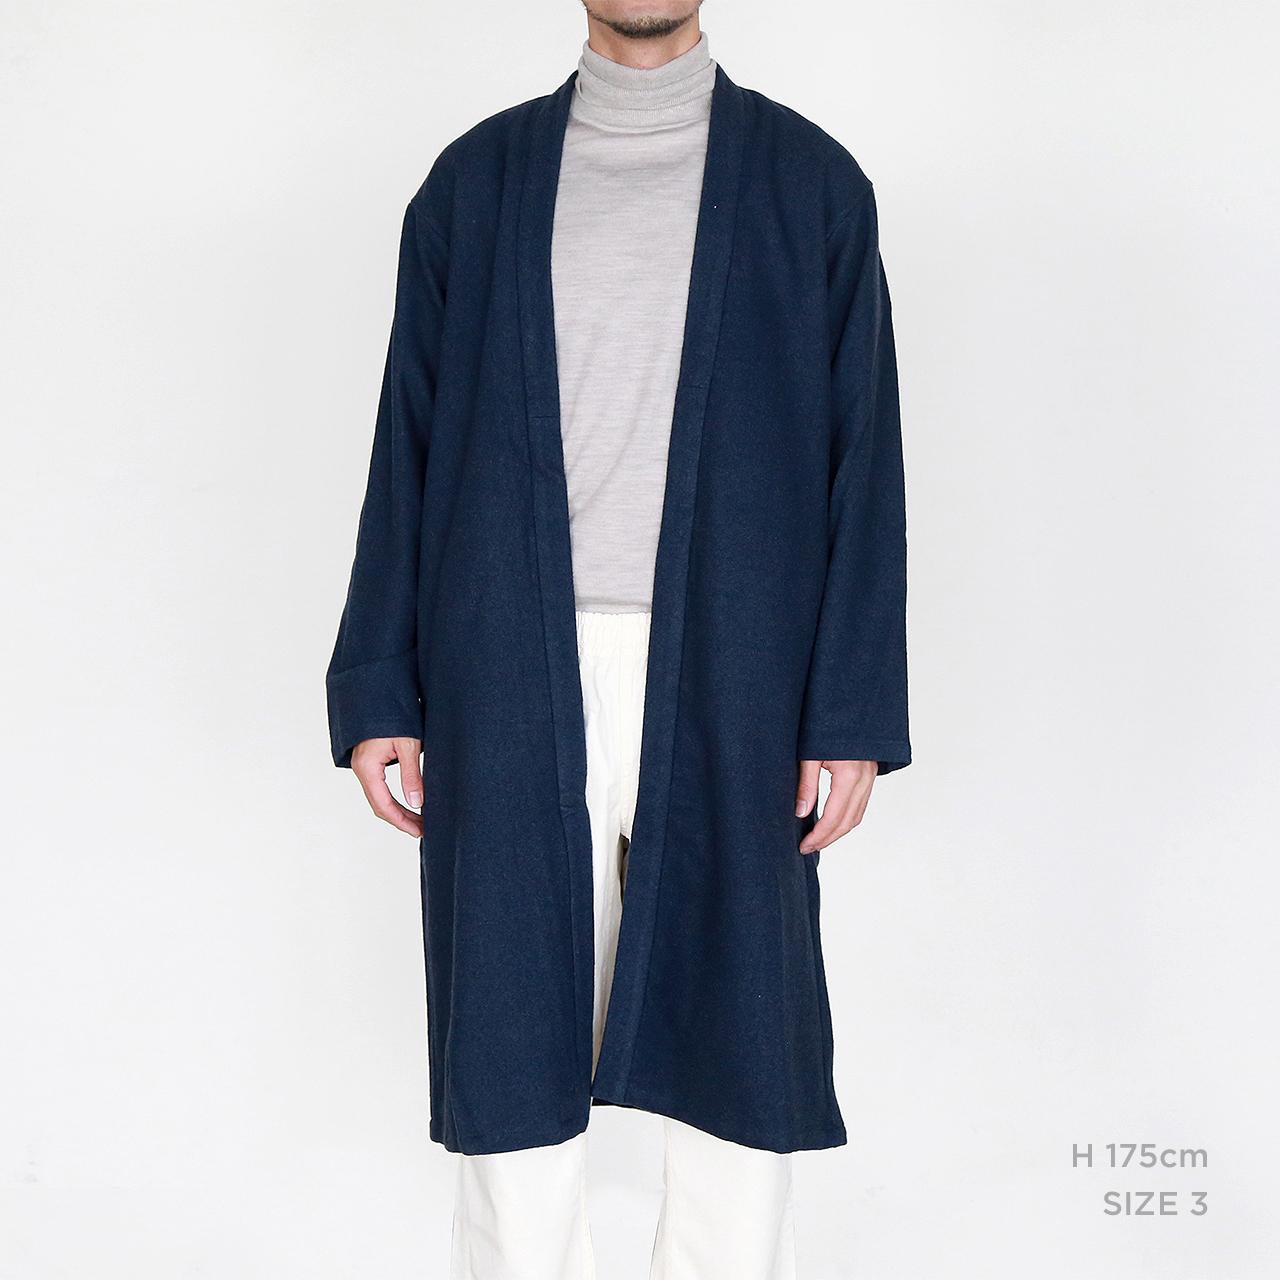 CO-06 裏付伊達羽織 濃紺●